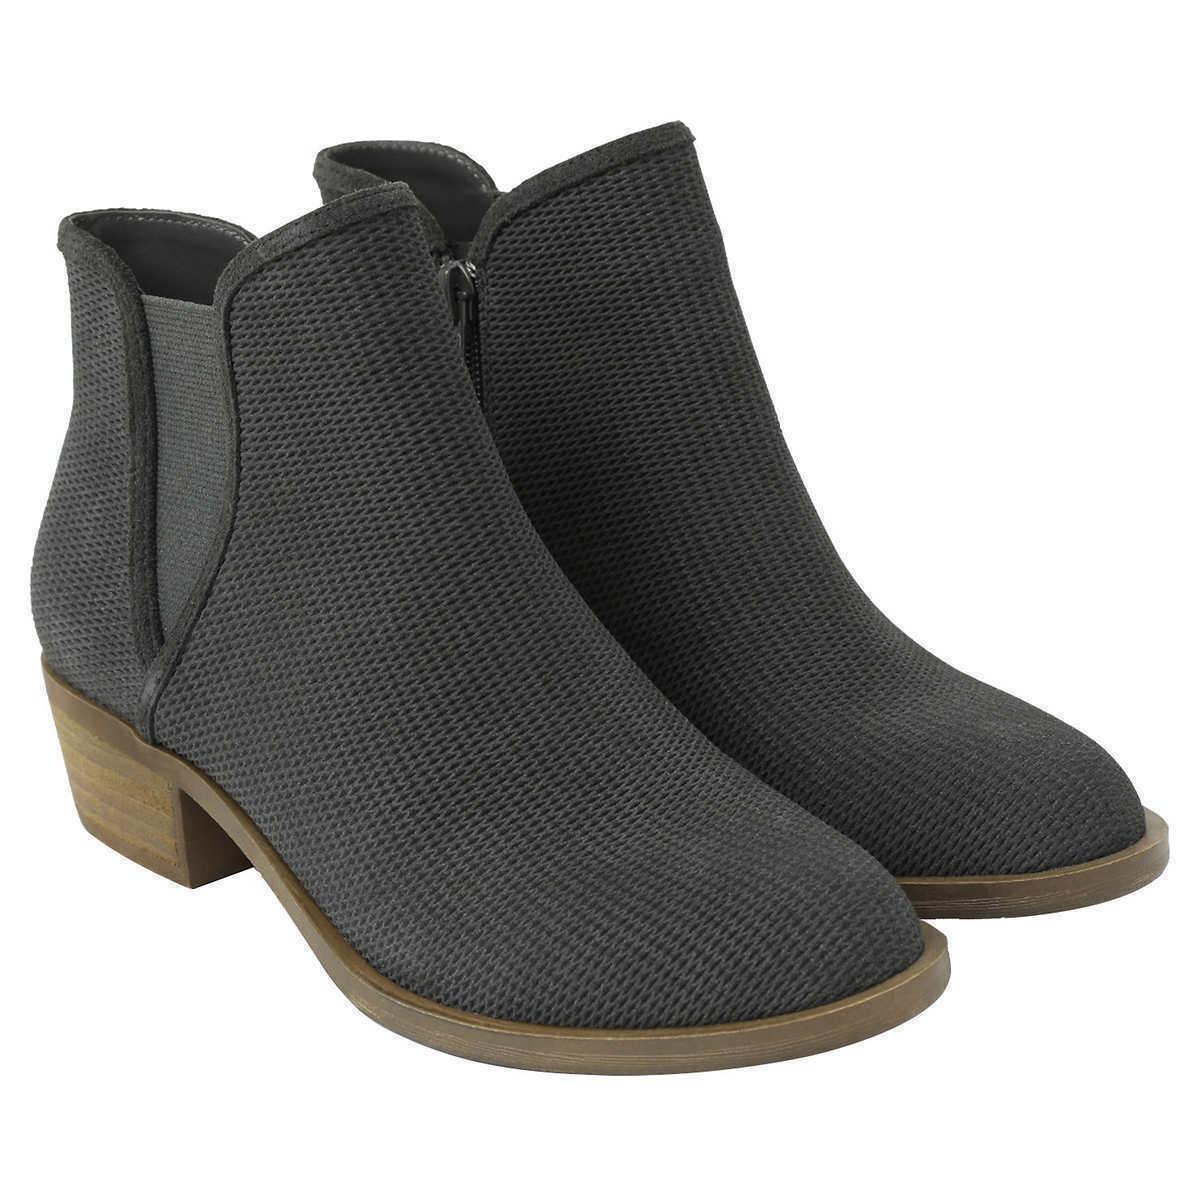 New Kensie Women's Dark Grey Patterned Suede Gerona Short Ankle Boots Booties